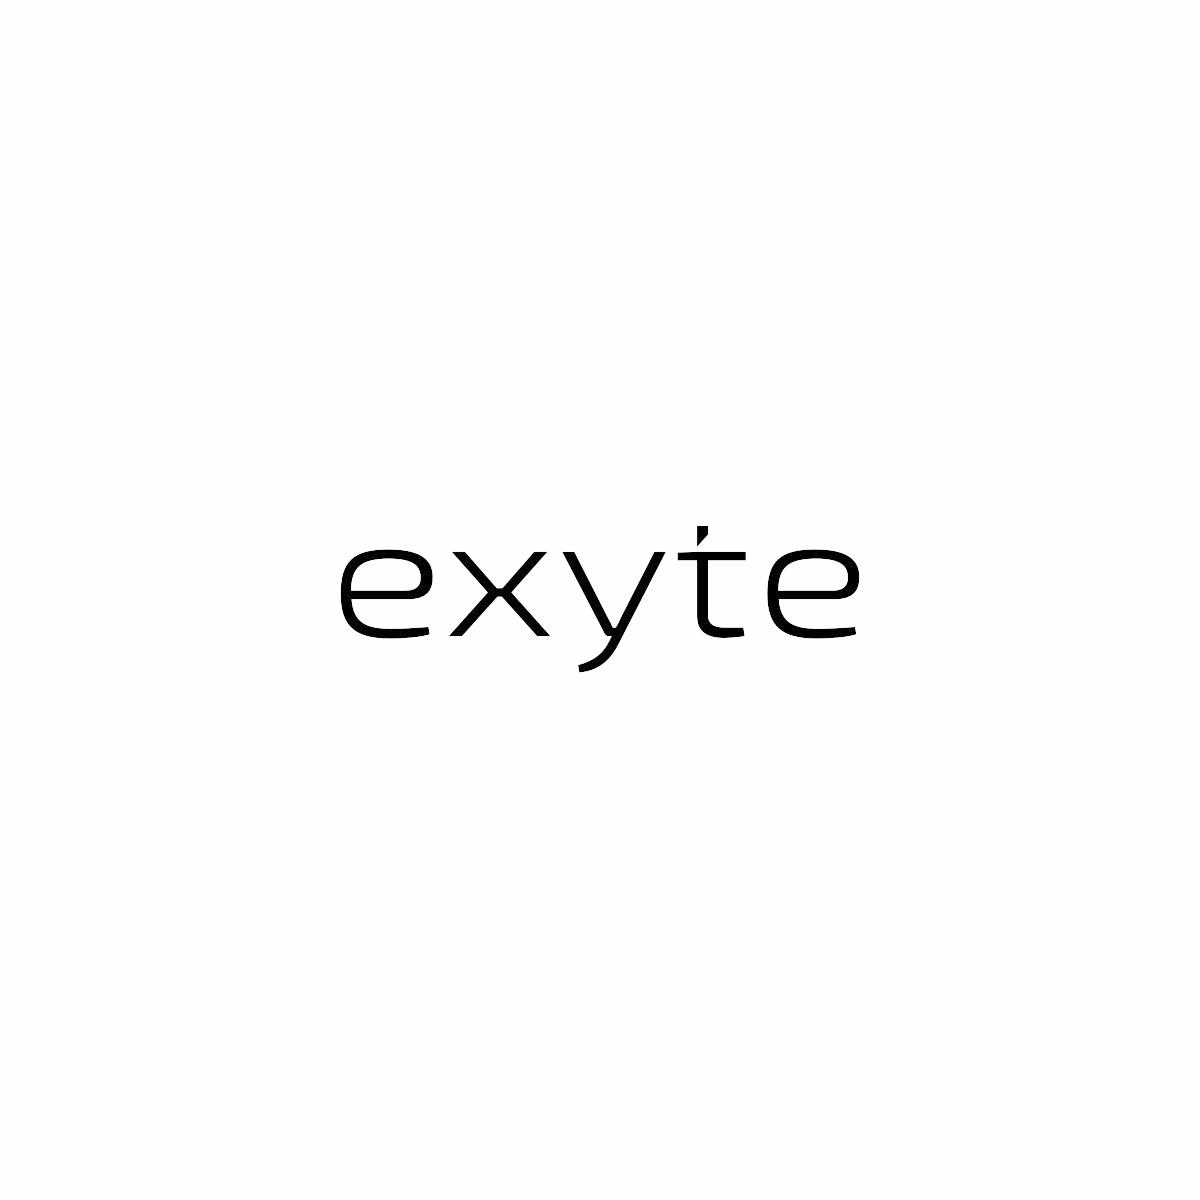 Exyte